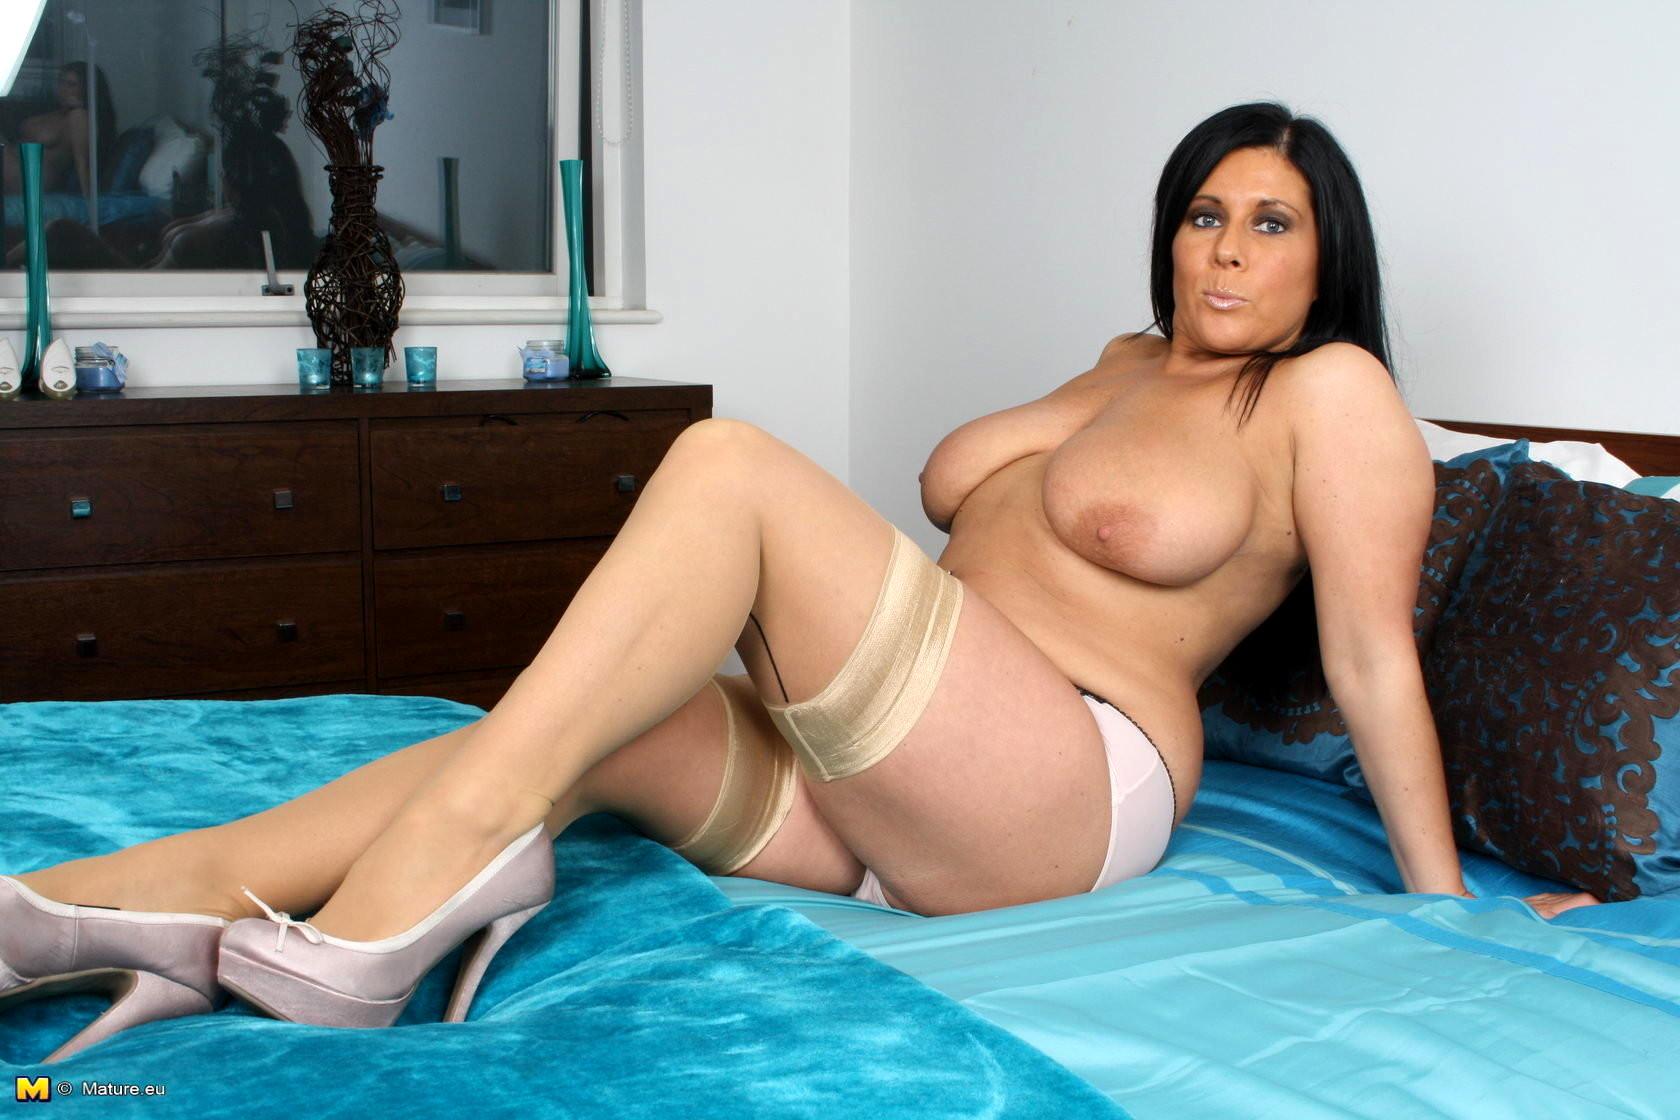 Mature hot boobies